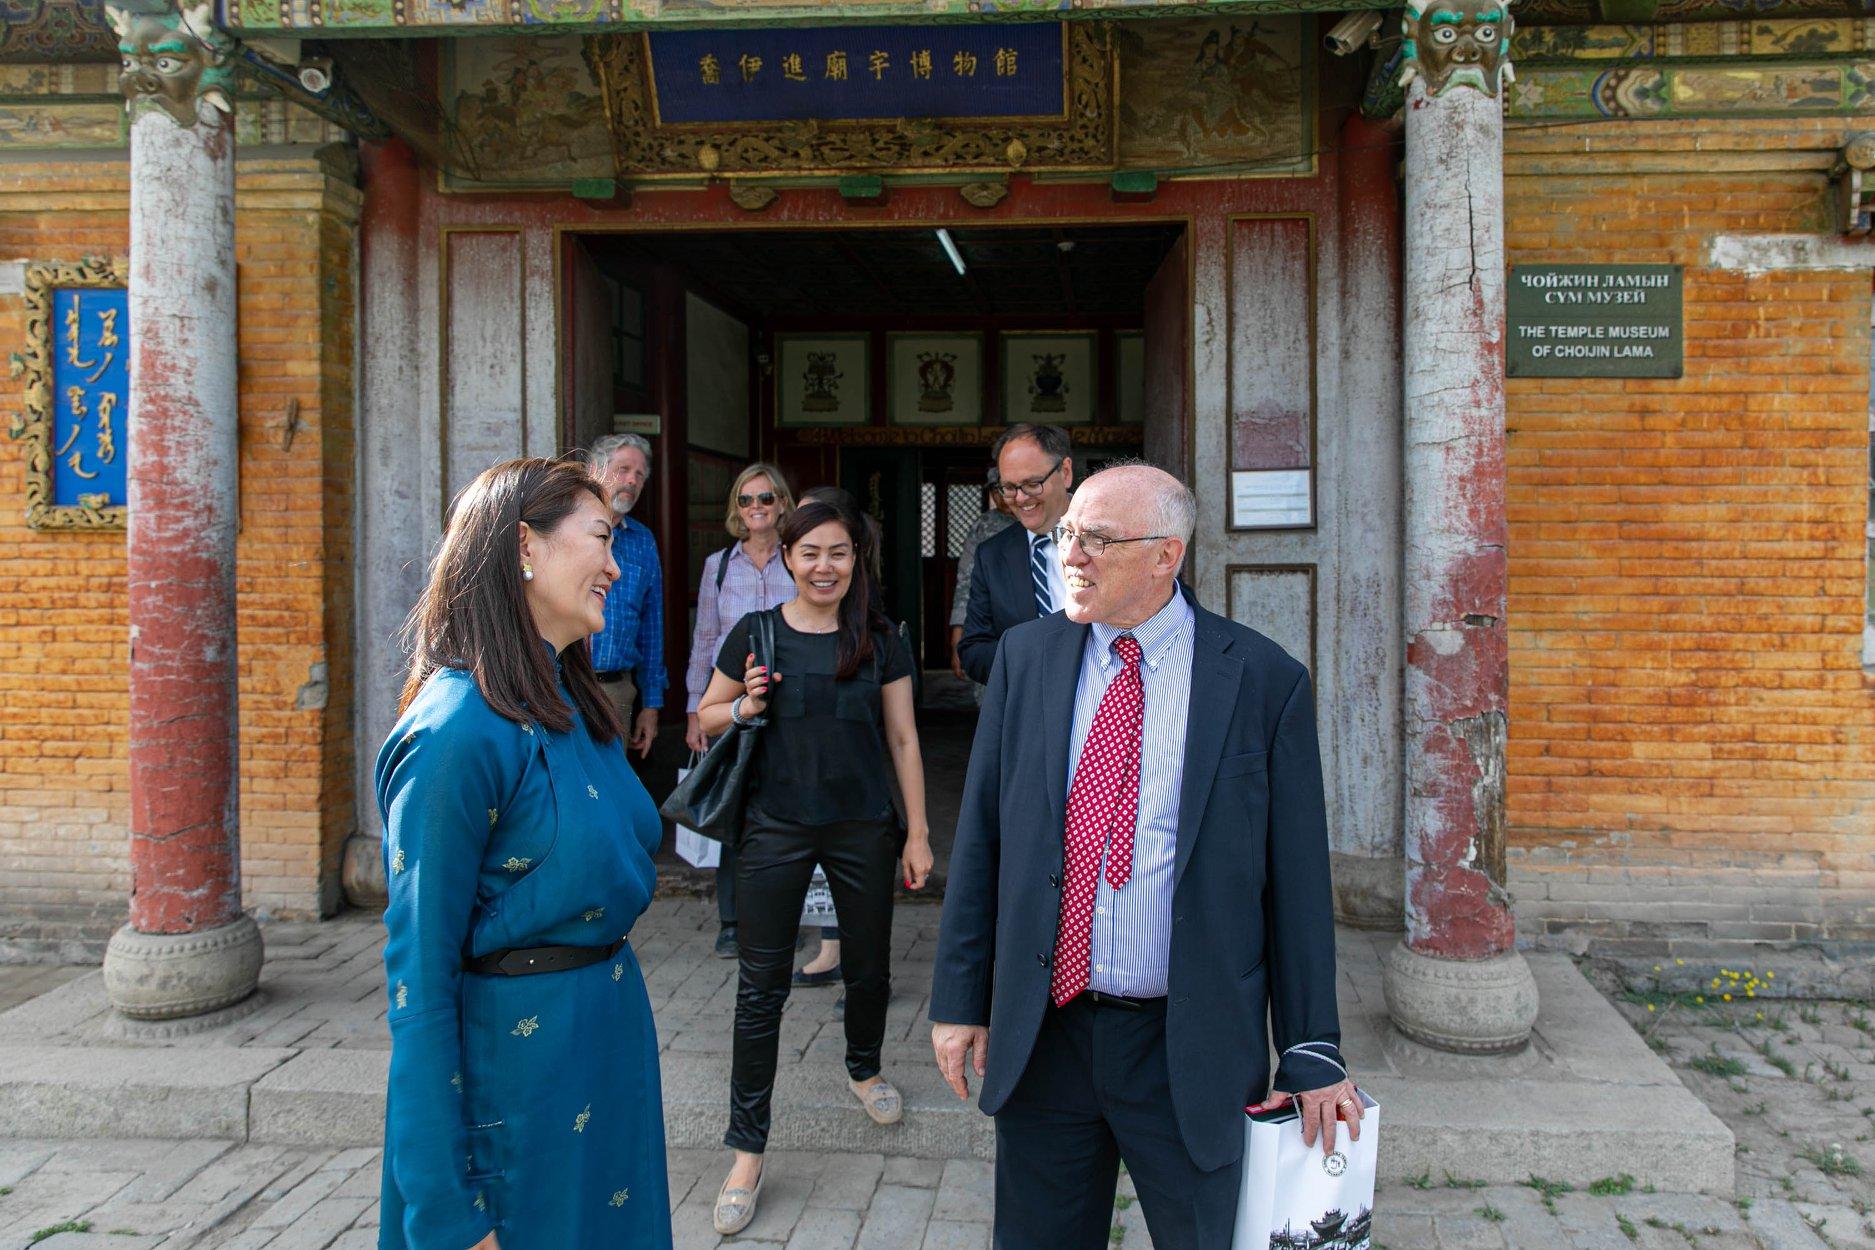 Элчин сайд Майкл Клечески Чойжин ламын сүм музейтэй танилцжээ